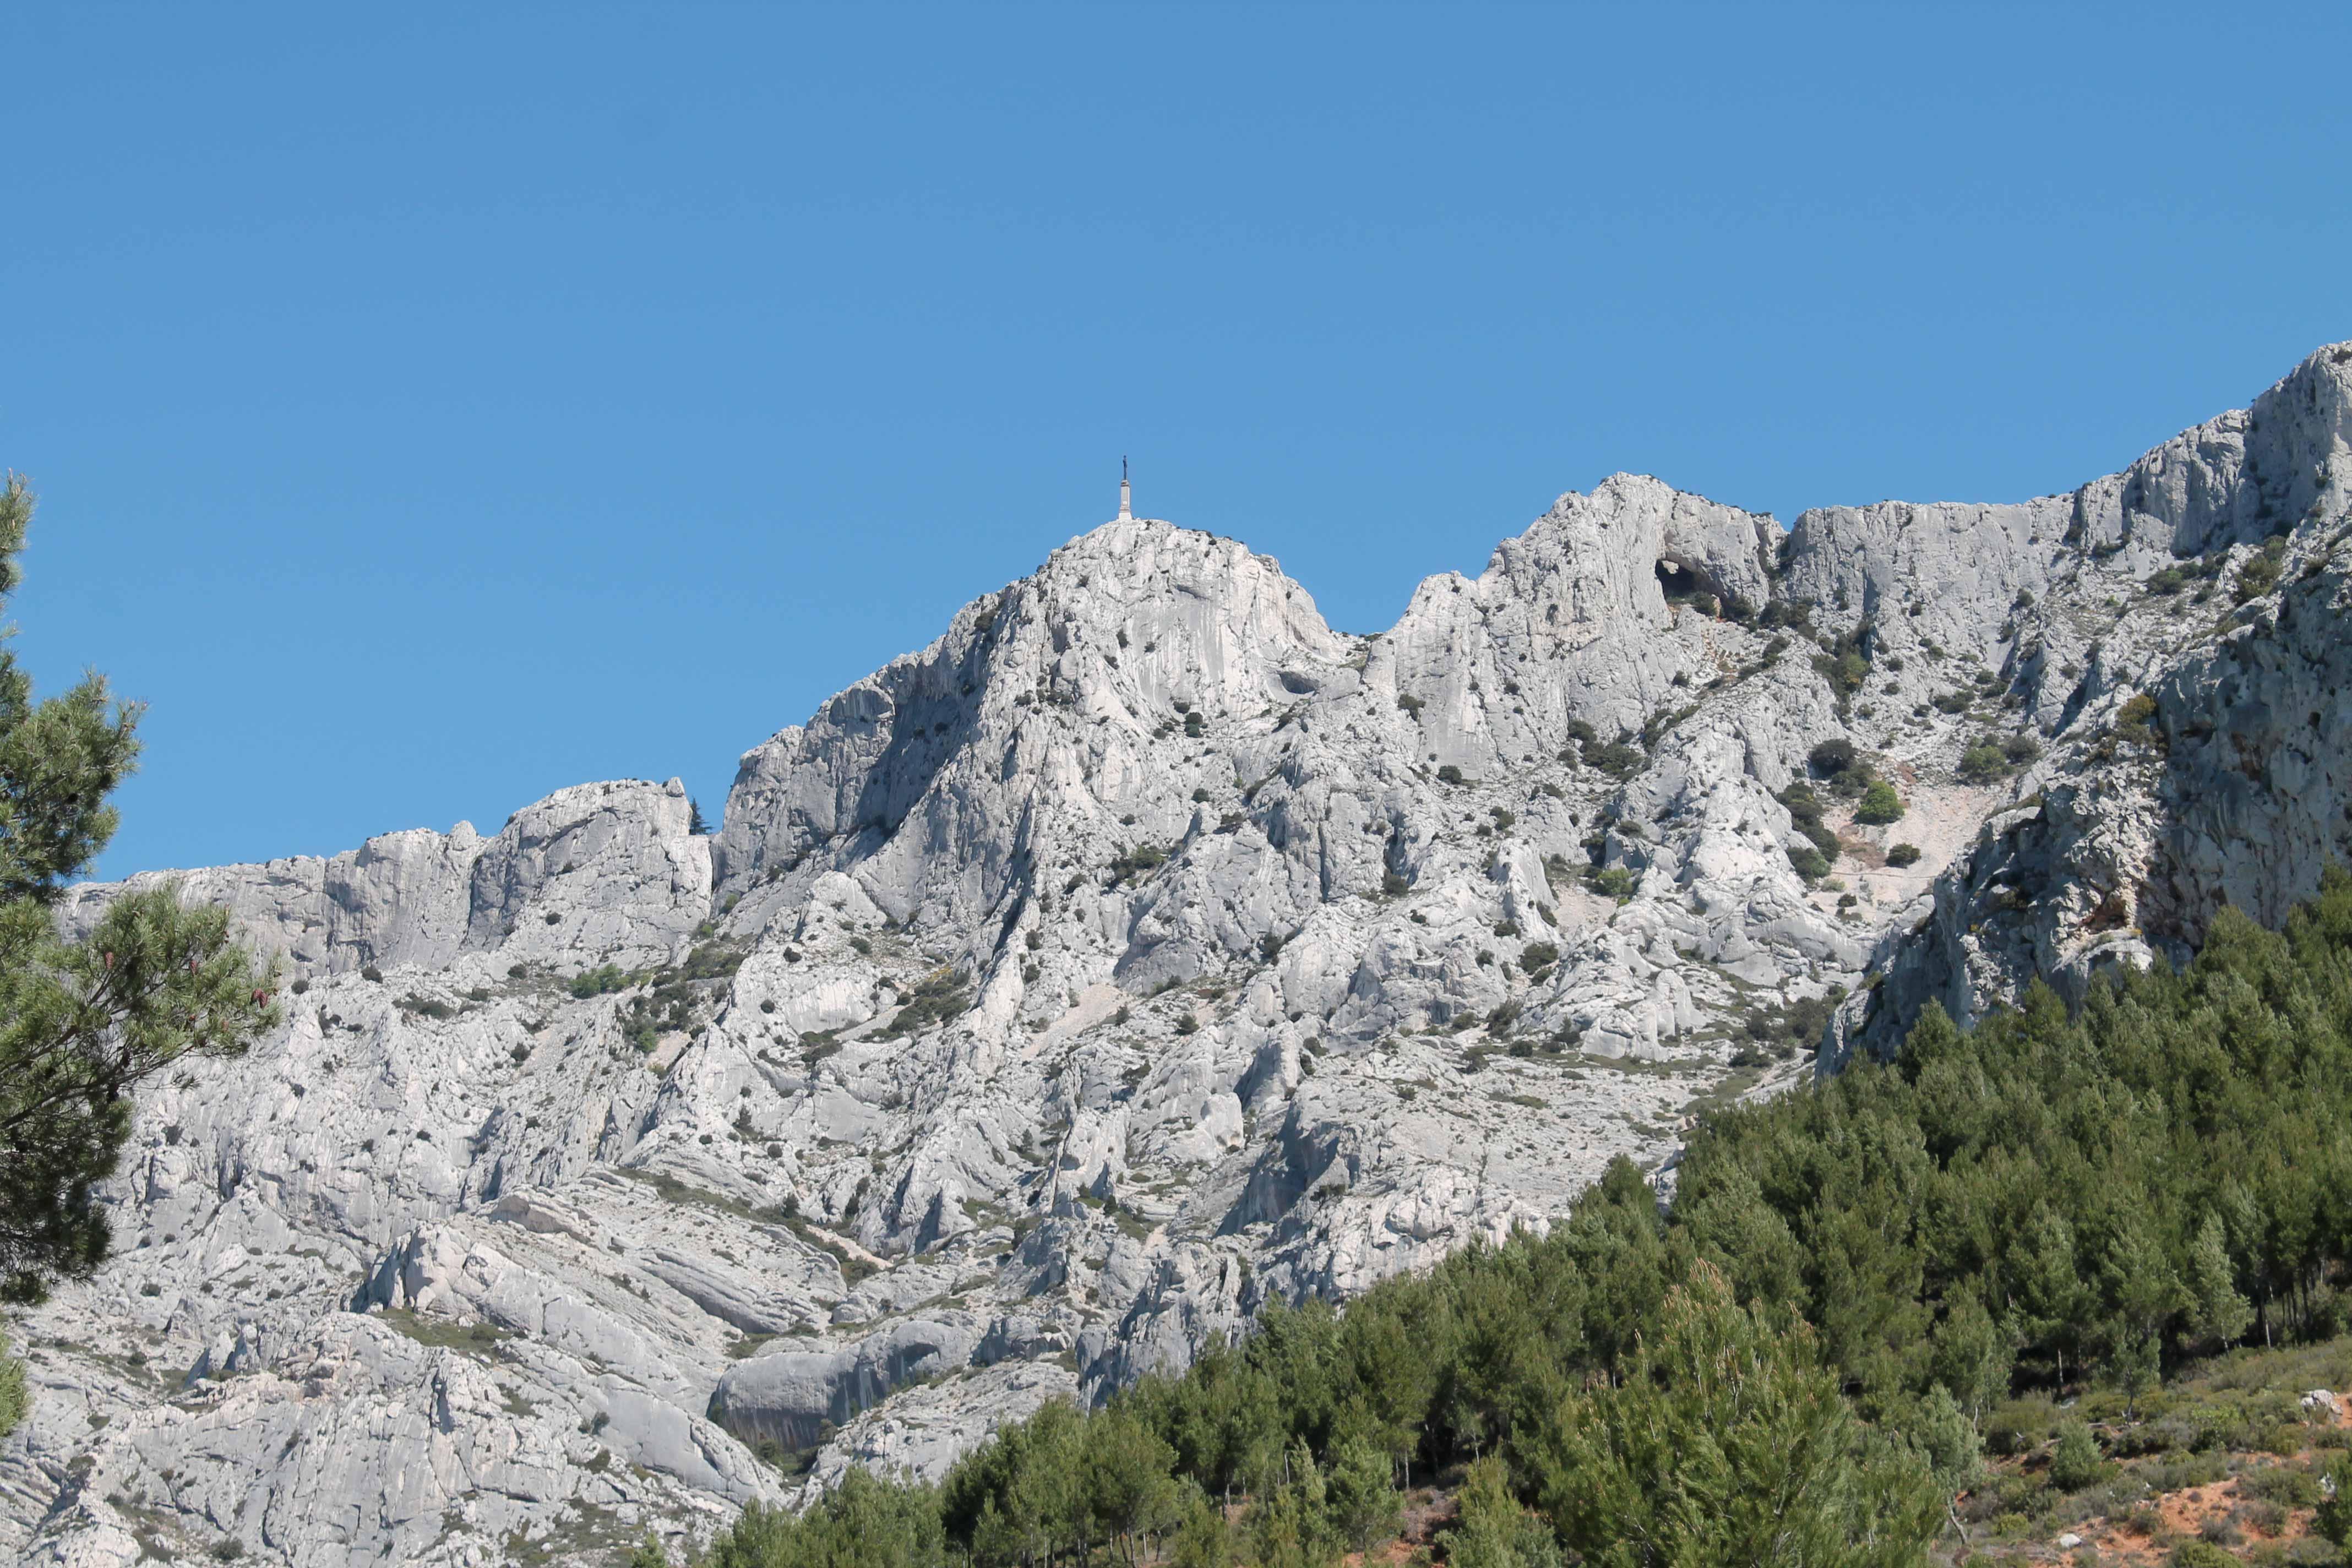 Wine & Mountain excursion, Mount Sainte Victoire